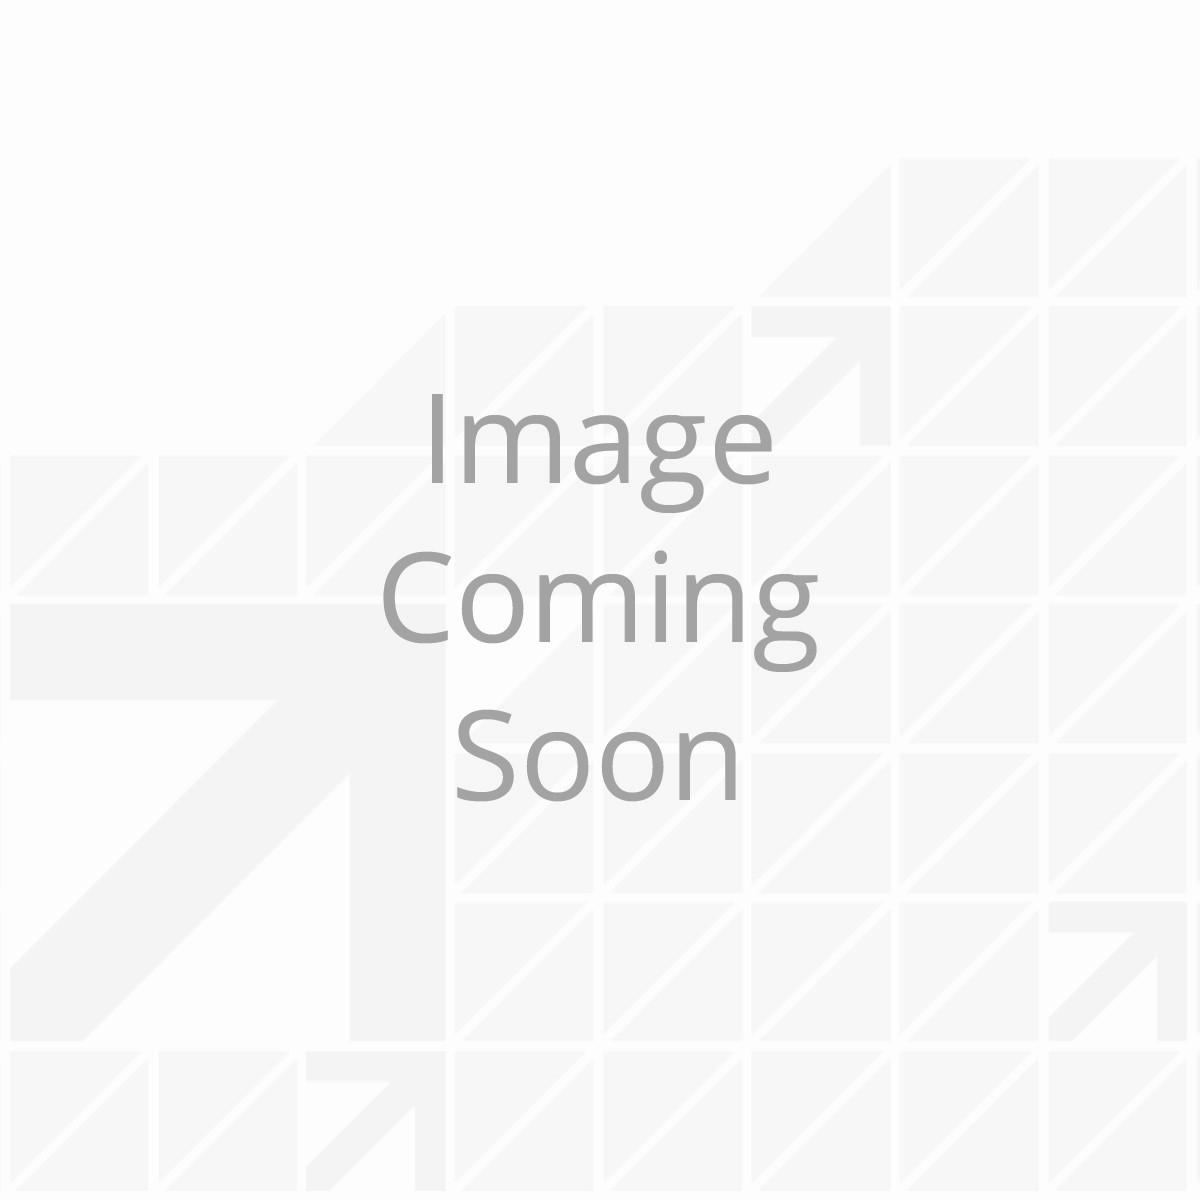 122255_-_grease_zerk_-_001